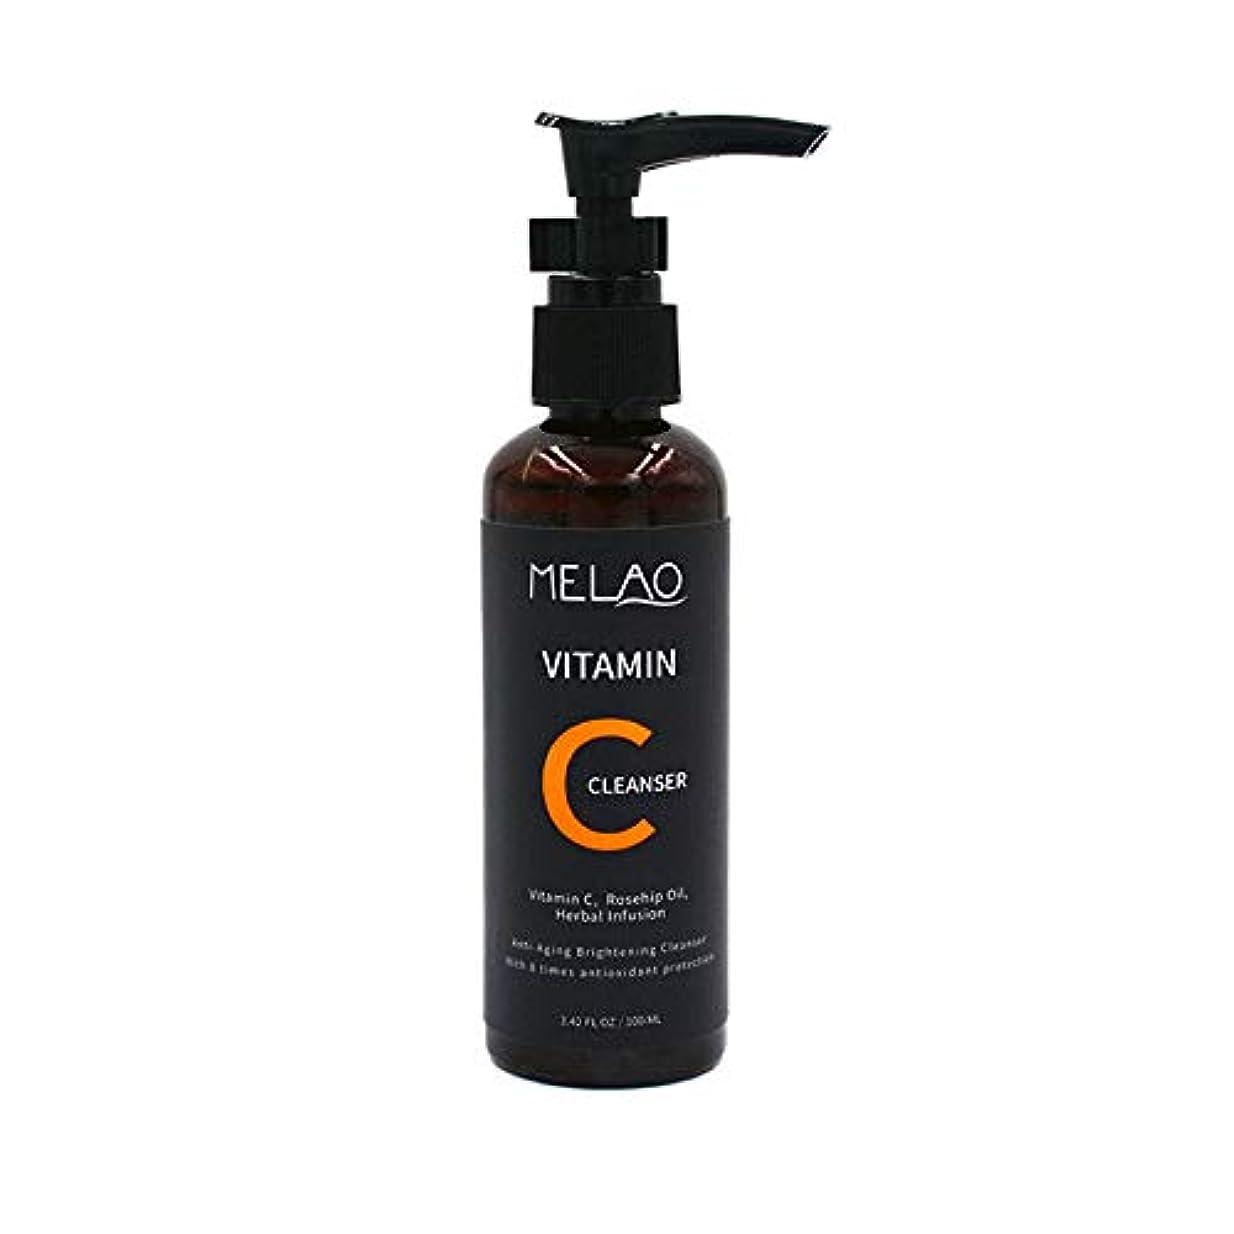 ゴージャス容器脱走Akane MELAO VC 顔洗い 深層 清潔 押す 保湿 浄化 角質除去 クレンジング 綺麗に オイルコントロール 使いやすい 洗顔料 アロエクリーム 100ml MC180202